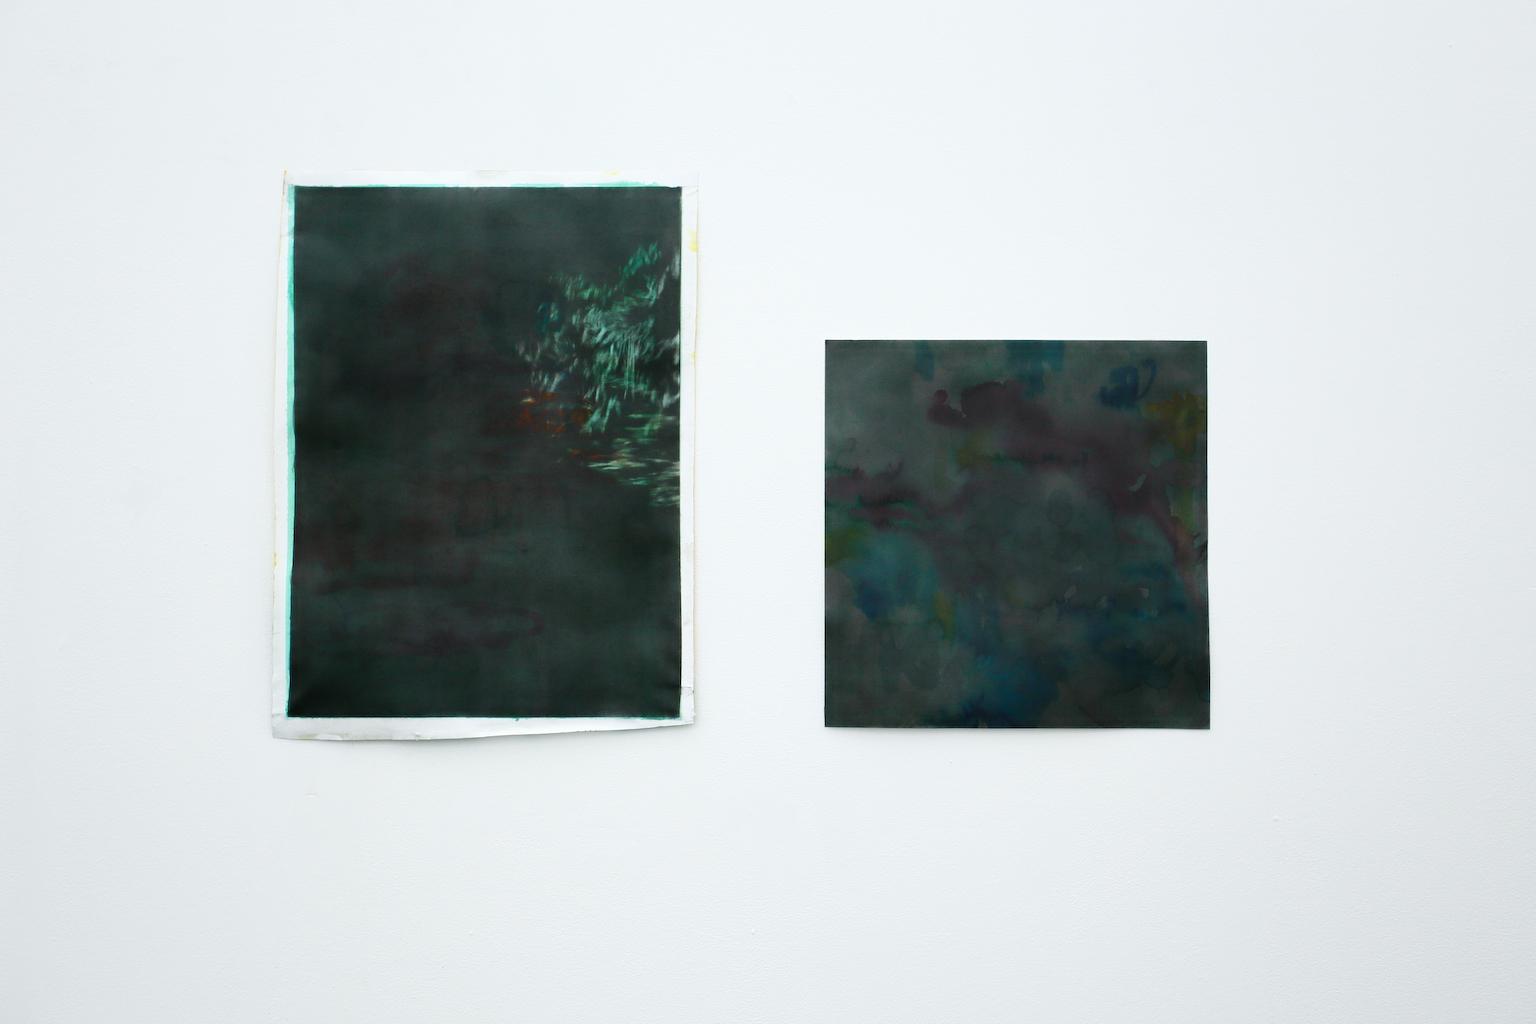 Oeuvres sur papier de Benjamin Viort Exposition IMMERSION au CACL - mai 2015